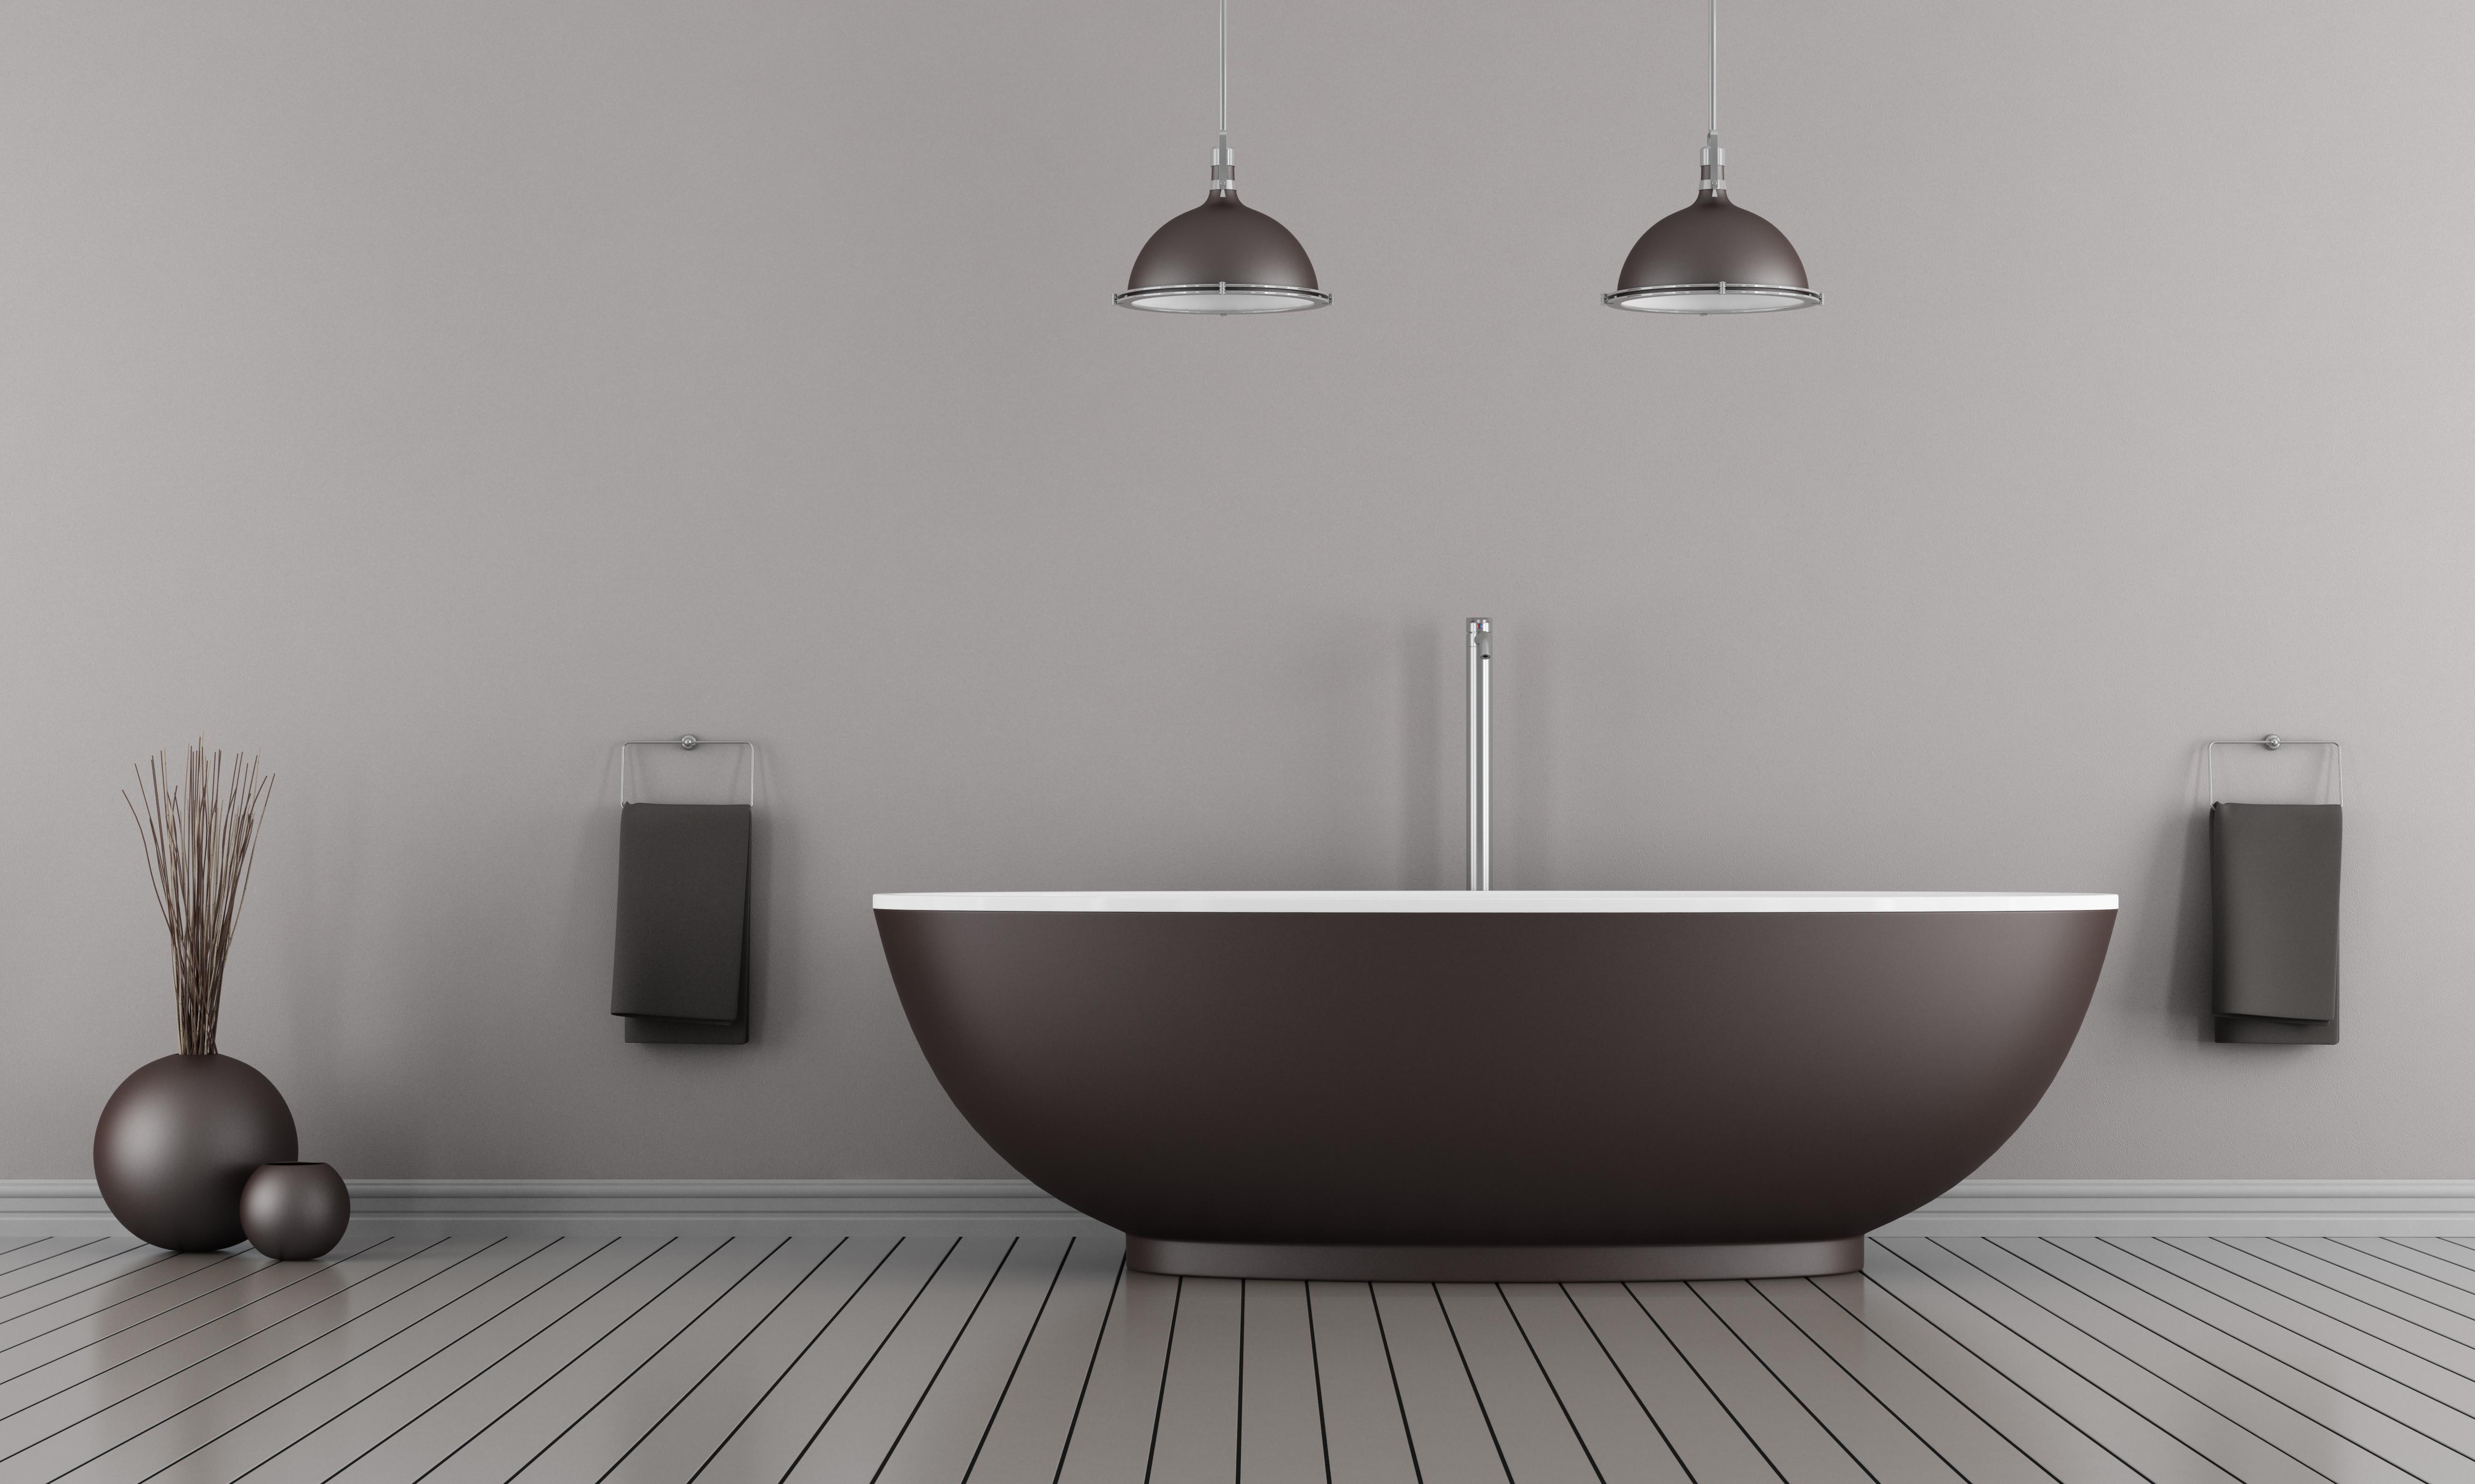 Werkblad Badkamer Maken ~ Badkamer verbouwen kosten Is je badkamer toe aan vernieuwing en wil